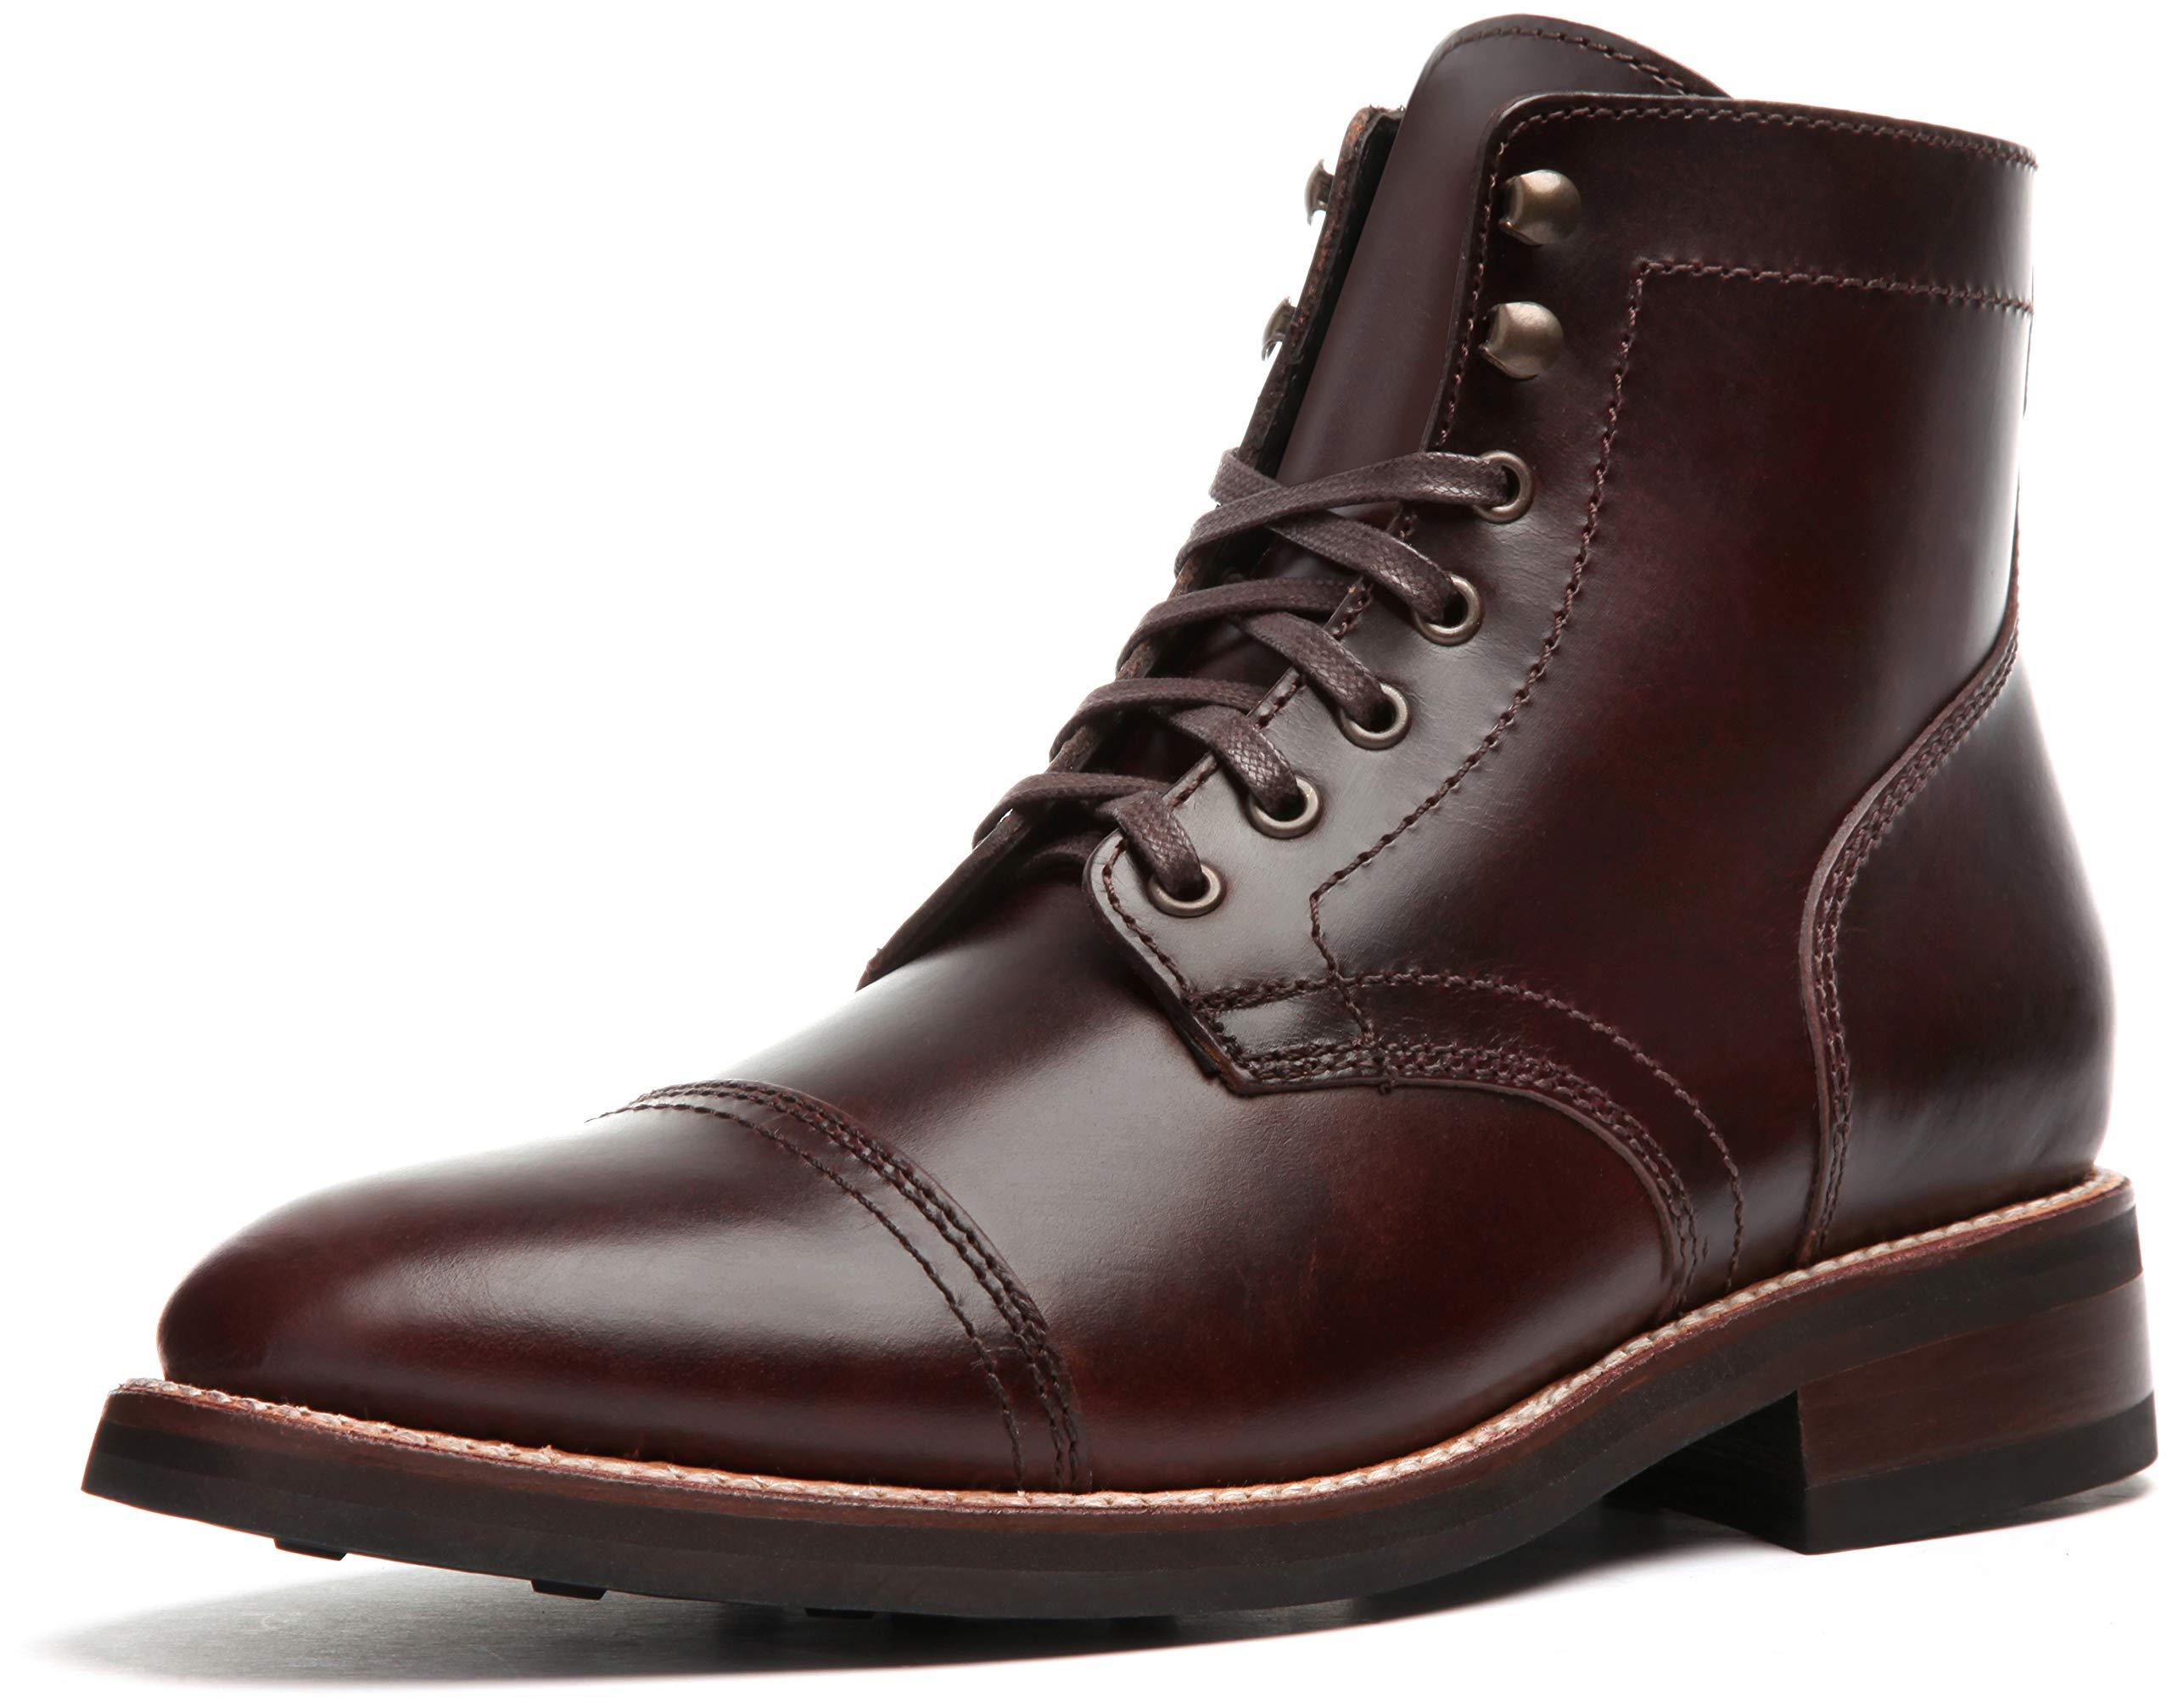 Thursday Boot Company Captain Men's 6'' Lace-up Boot,Brown,10.5 D(M) US